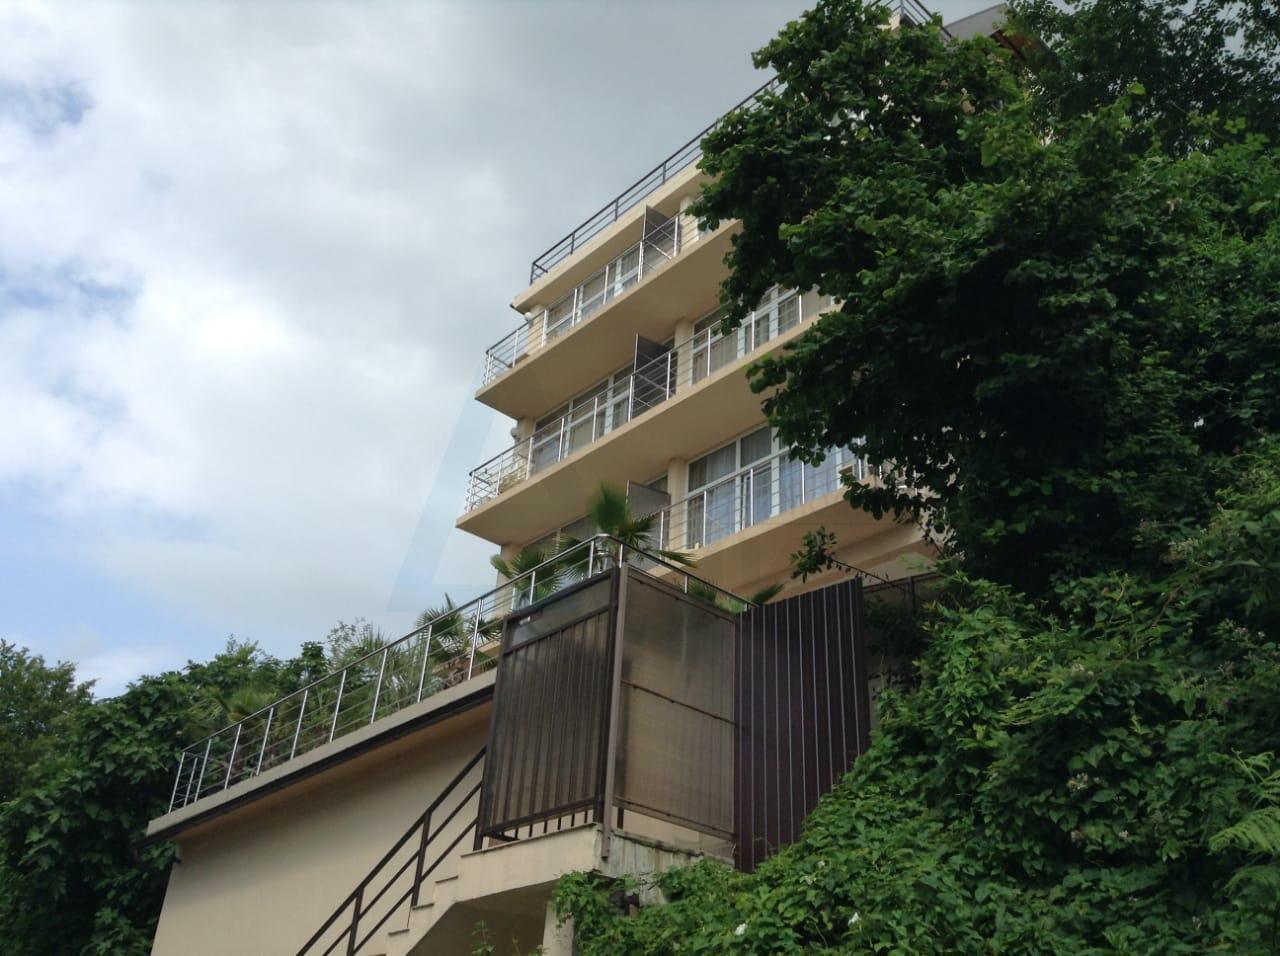 Продам дом по адресу Россия, Краснодарский край, Сочи, улица Днепровская фото 6 по выгодной цене